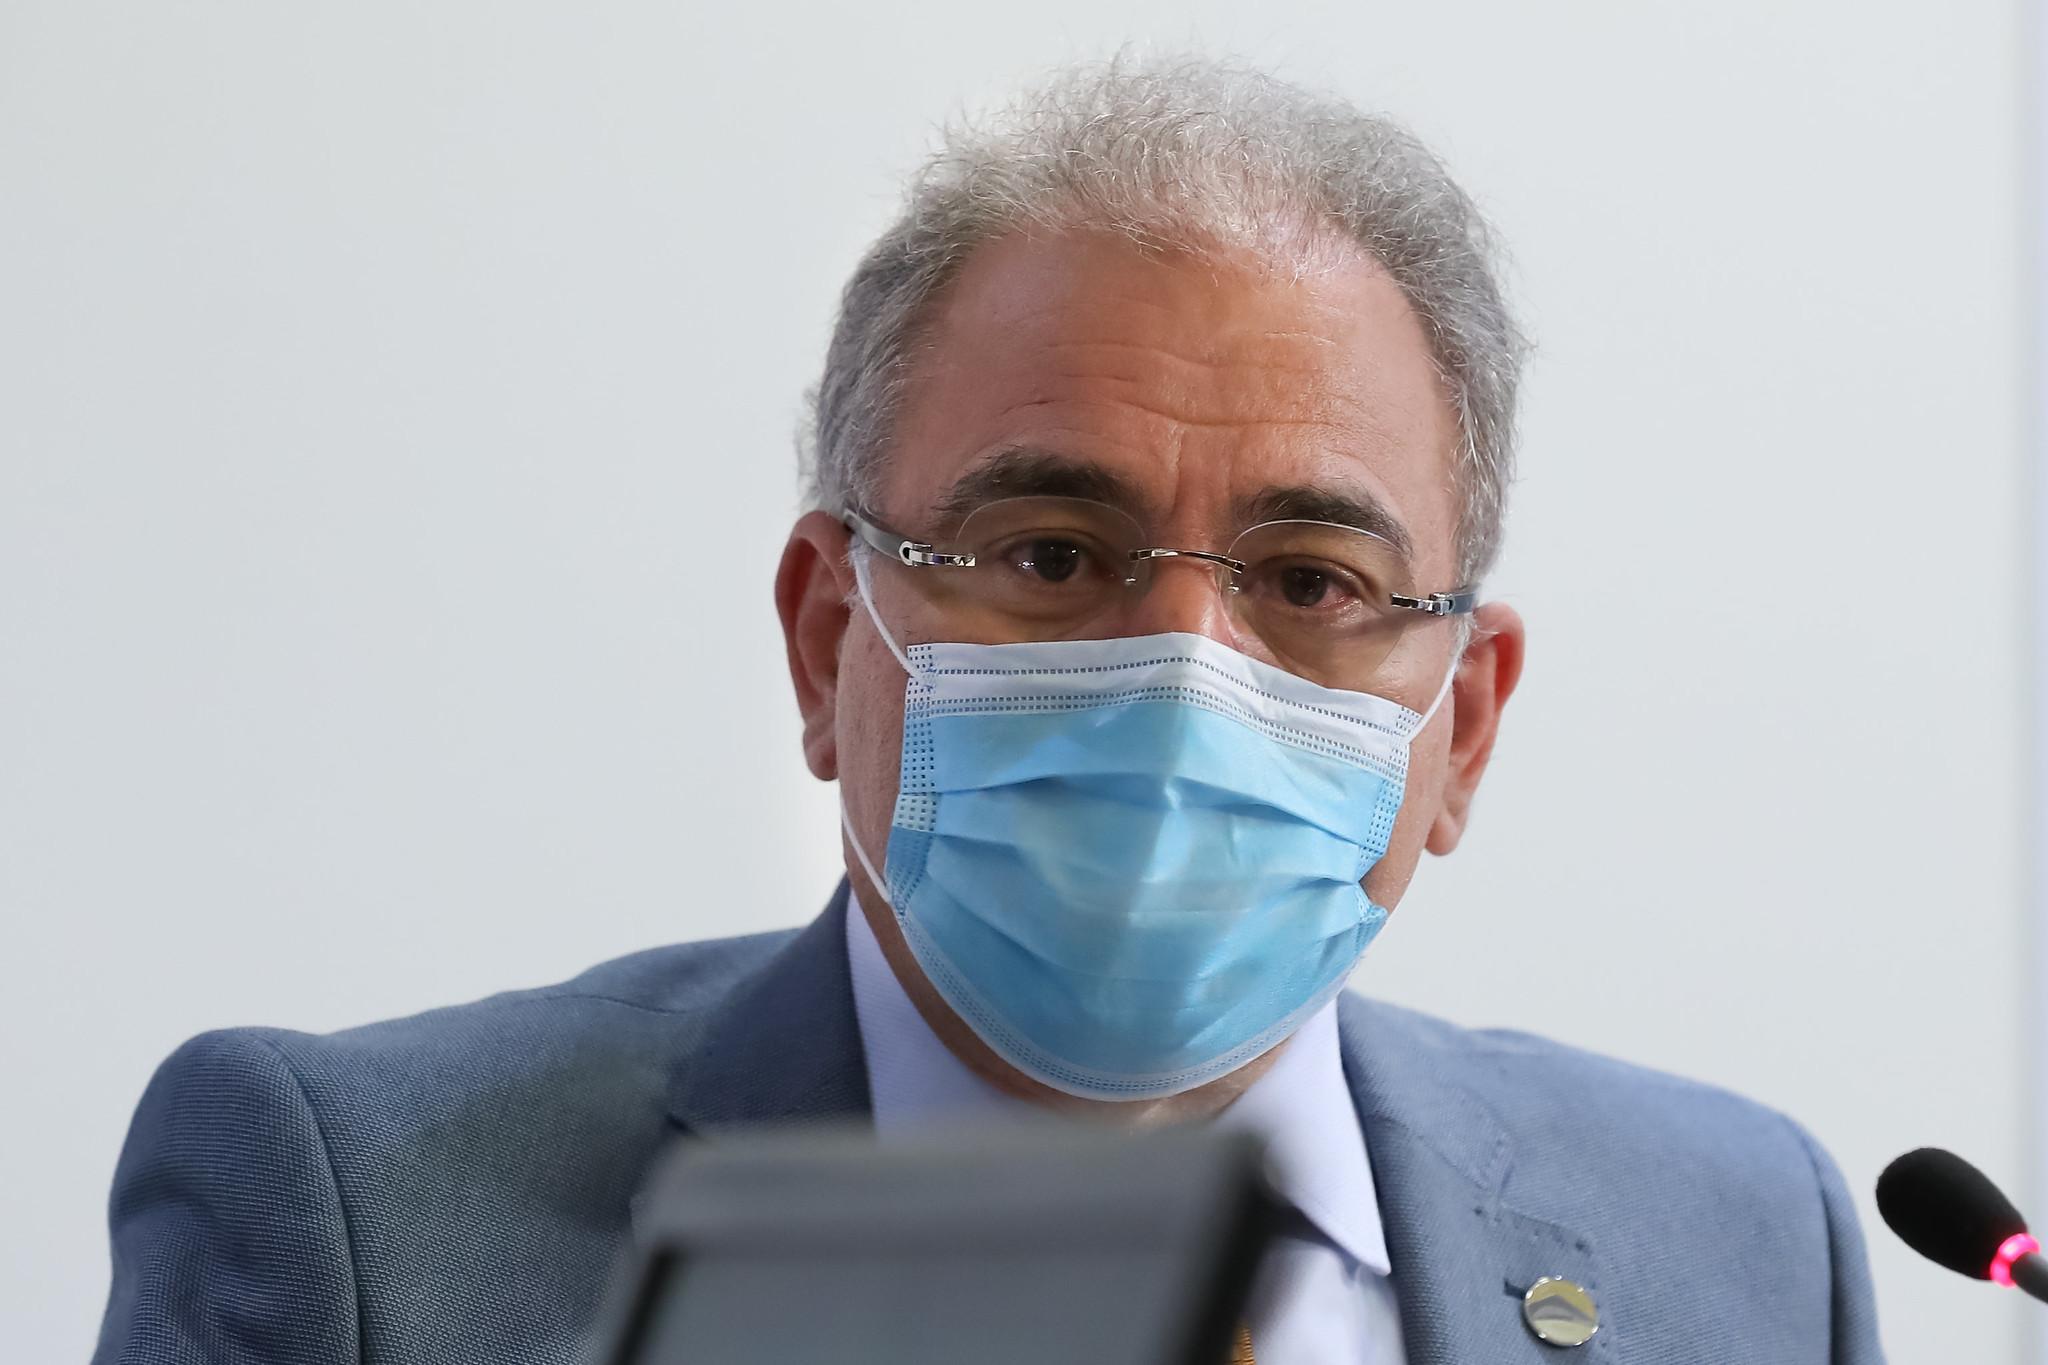 IMAGEM: Reabertura de cidades pode aumentar casos de Covid, diz Queiroga